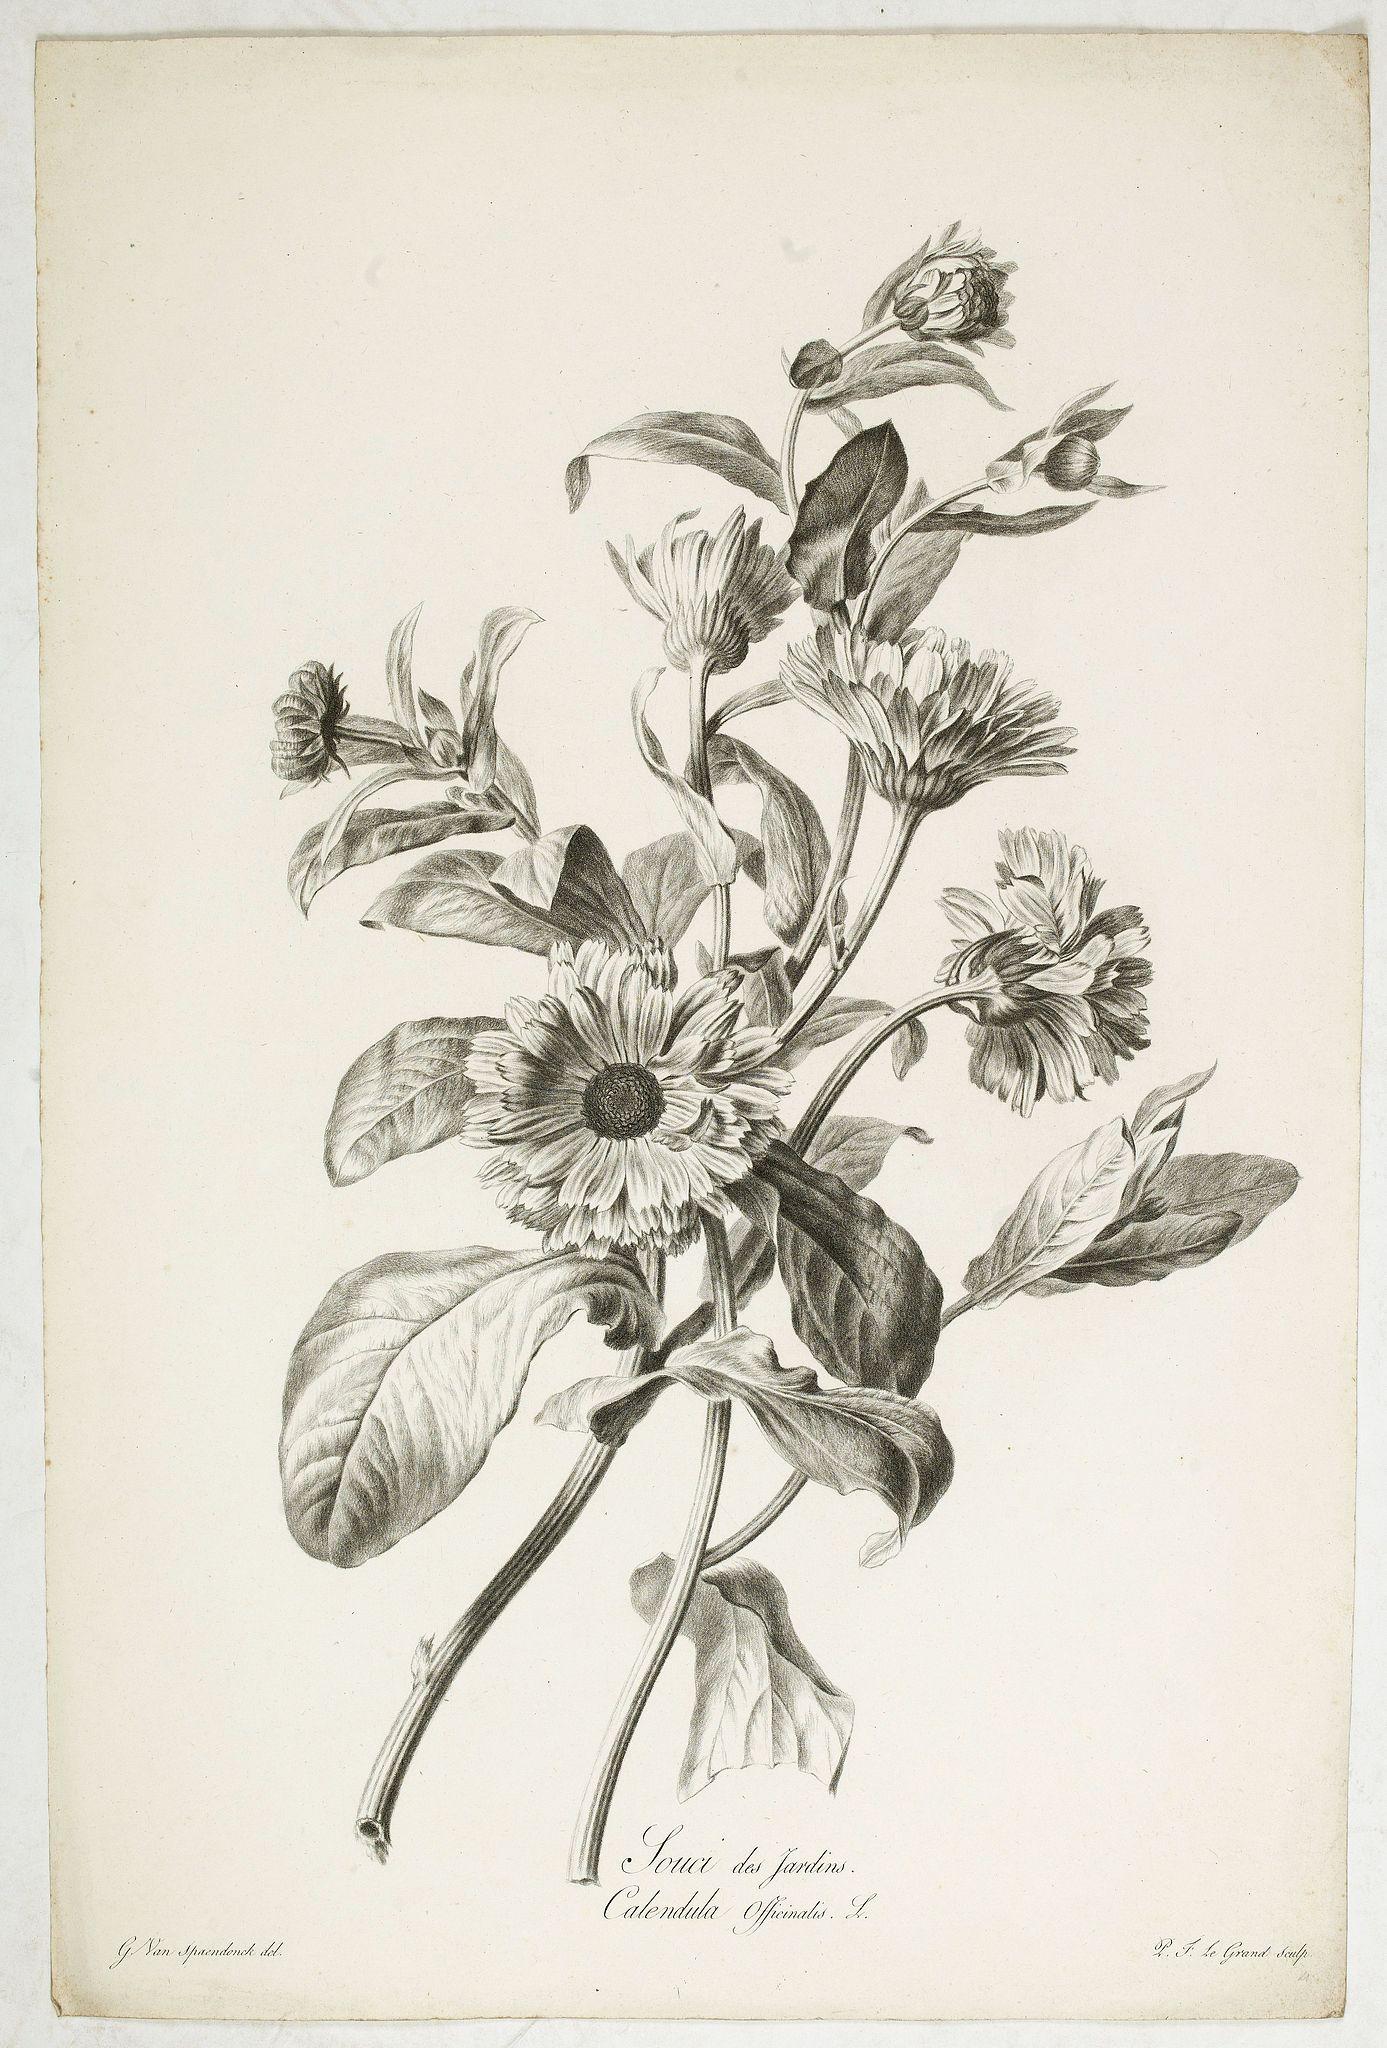 SPAENDONCK, Van. G. -  Souci des Jardins. Calendula Officinalis. L.